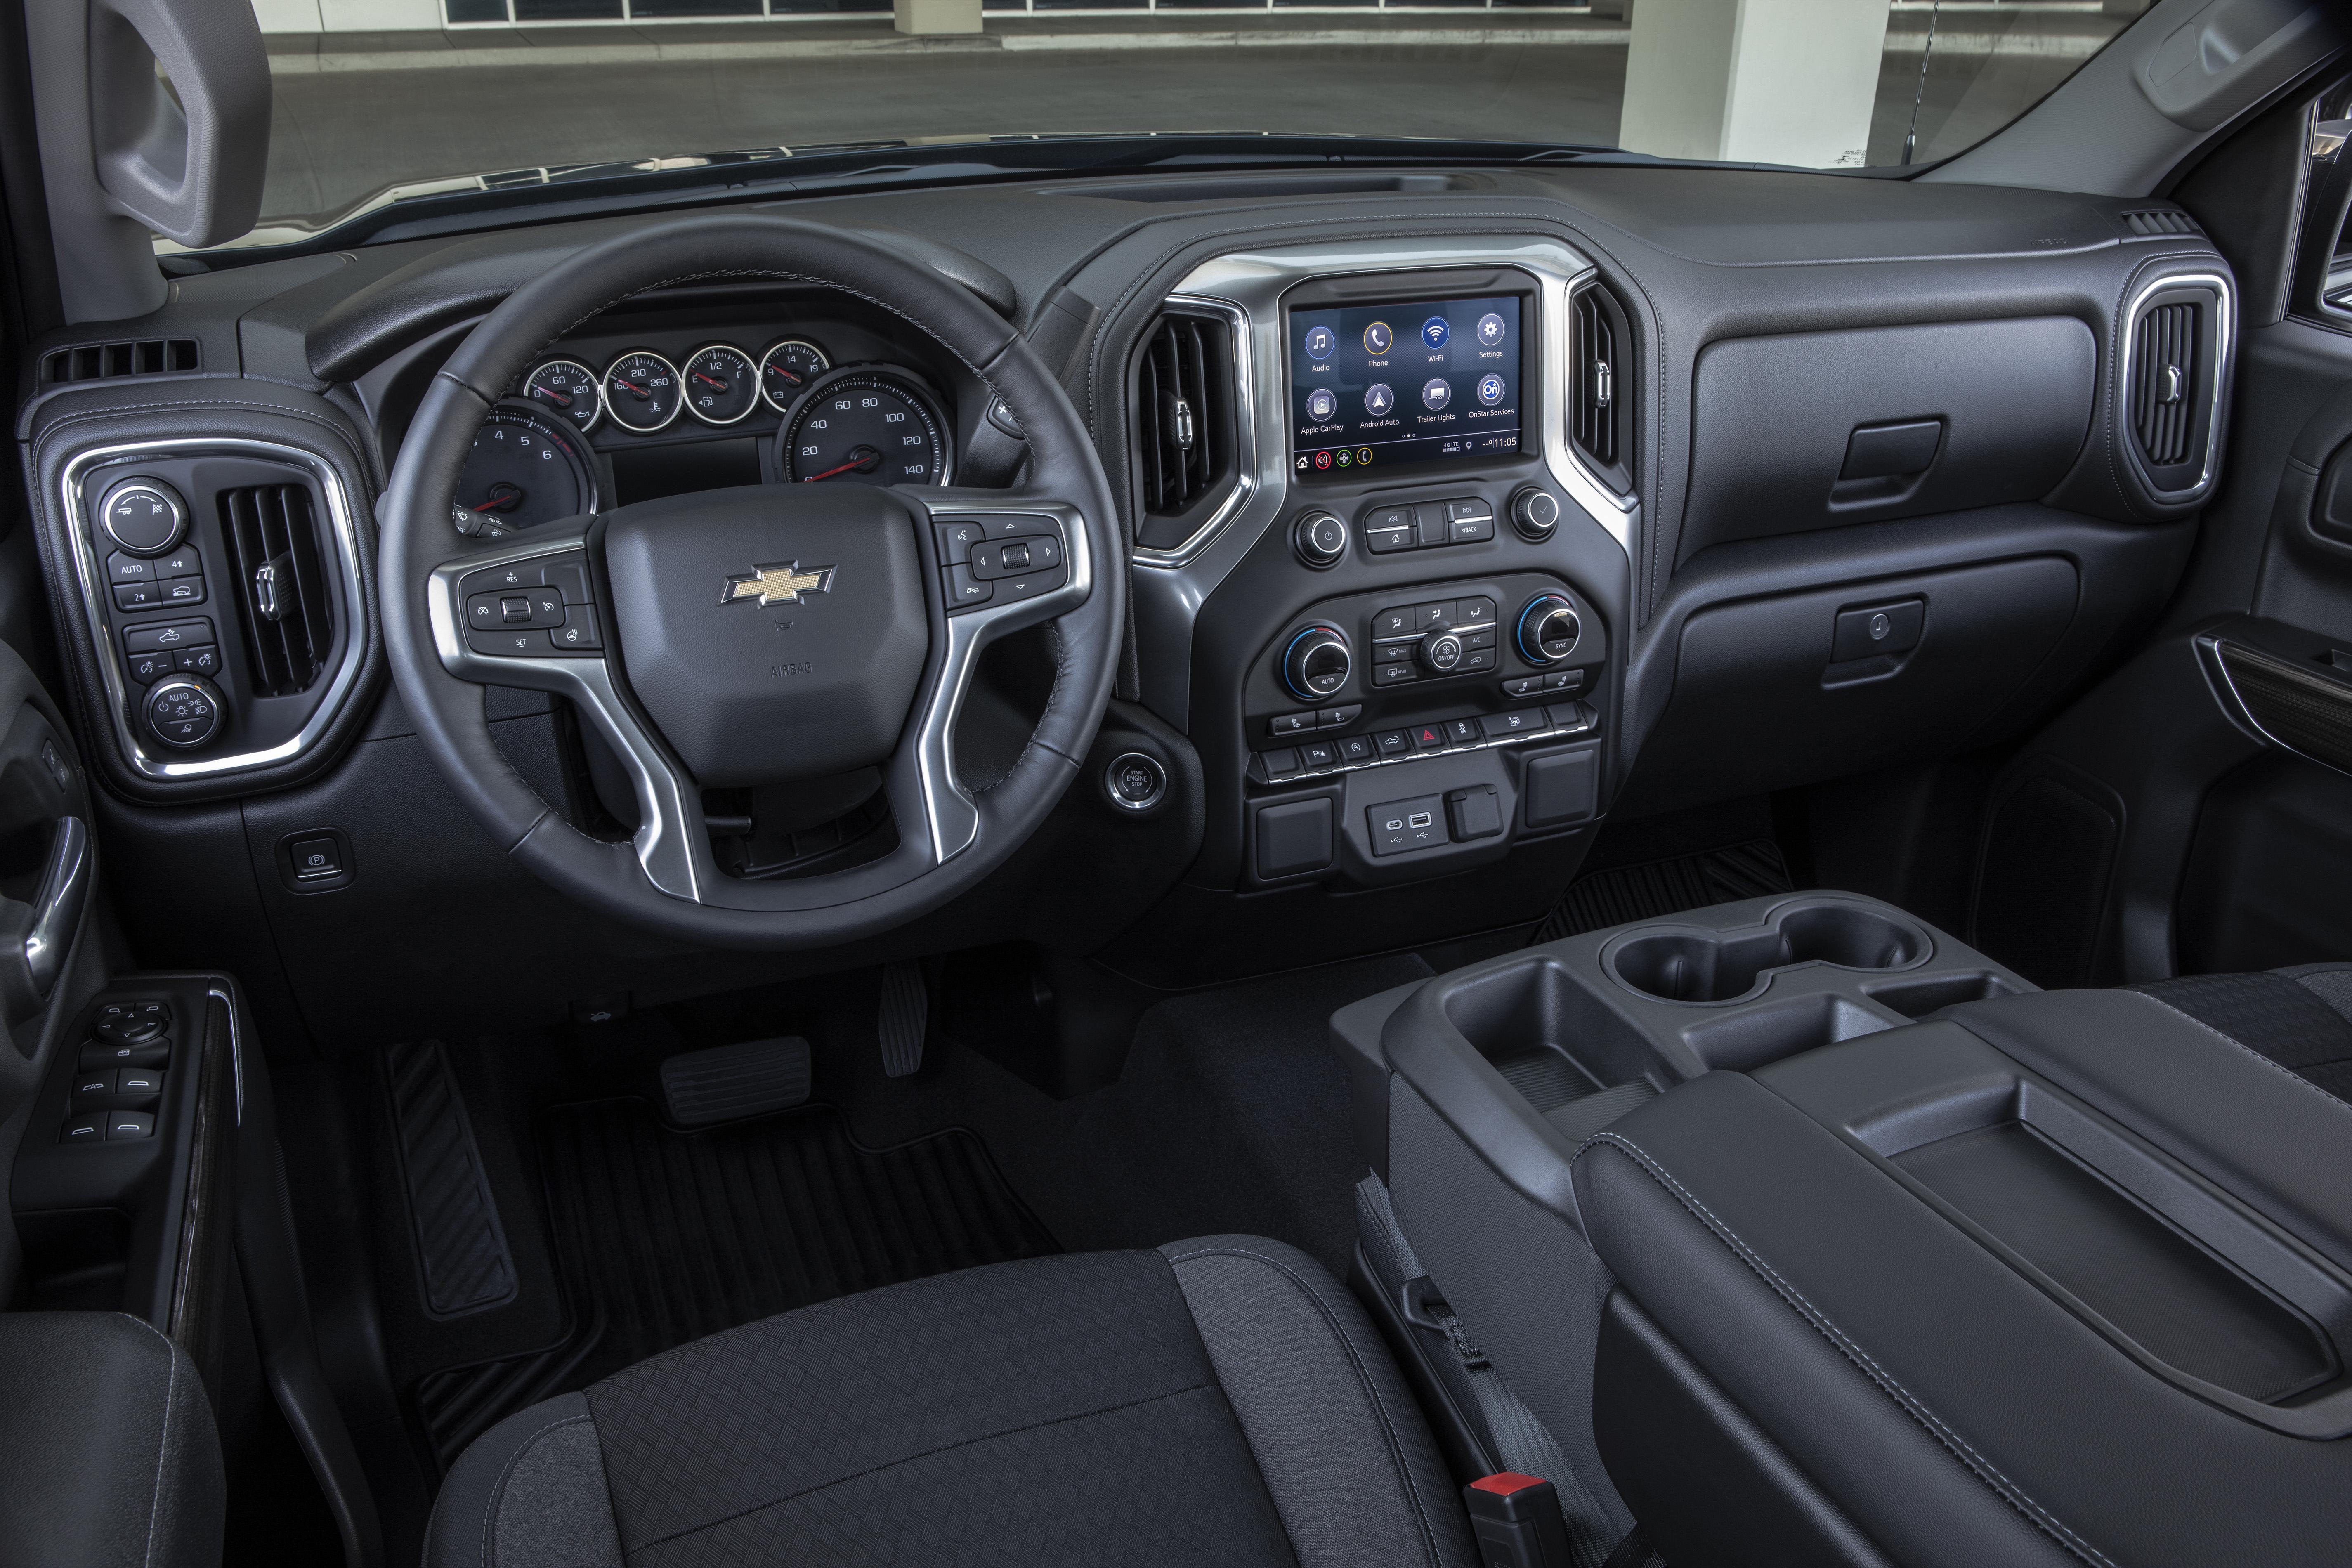 Small Engine, Big Truck: 2019 Silverado 4-Cylinder Turbo ...